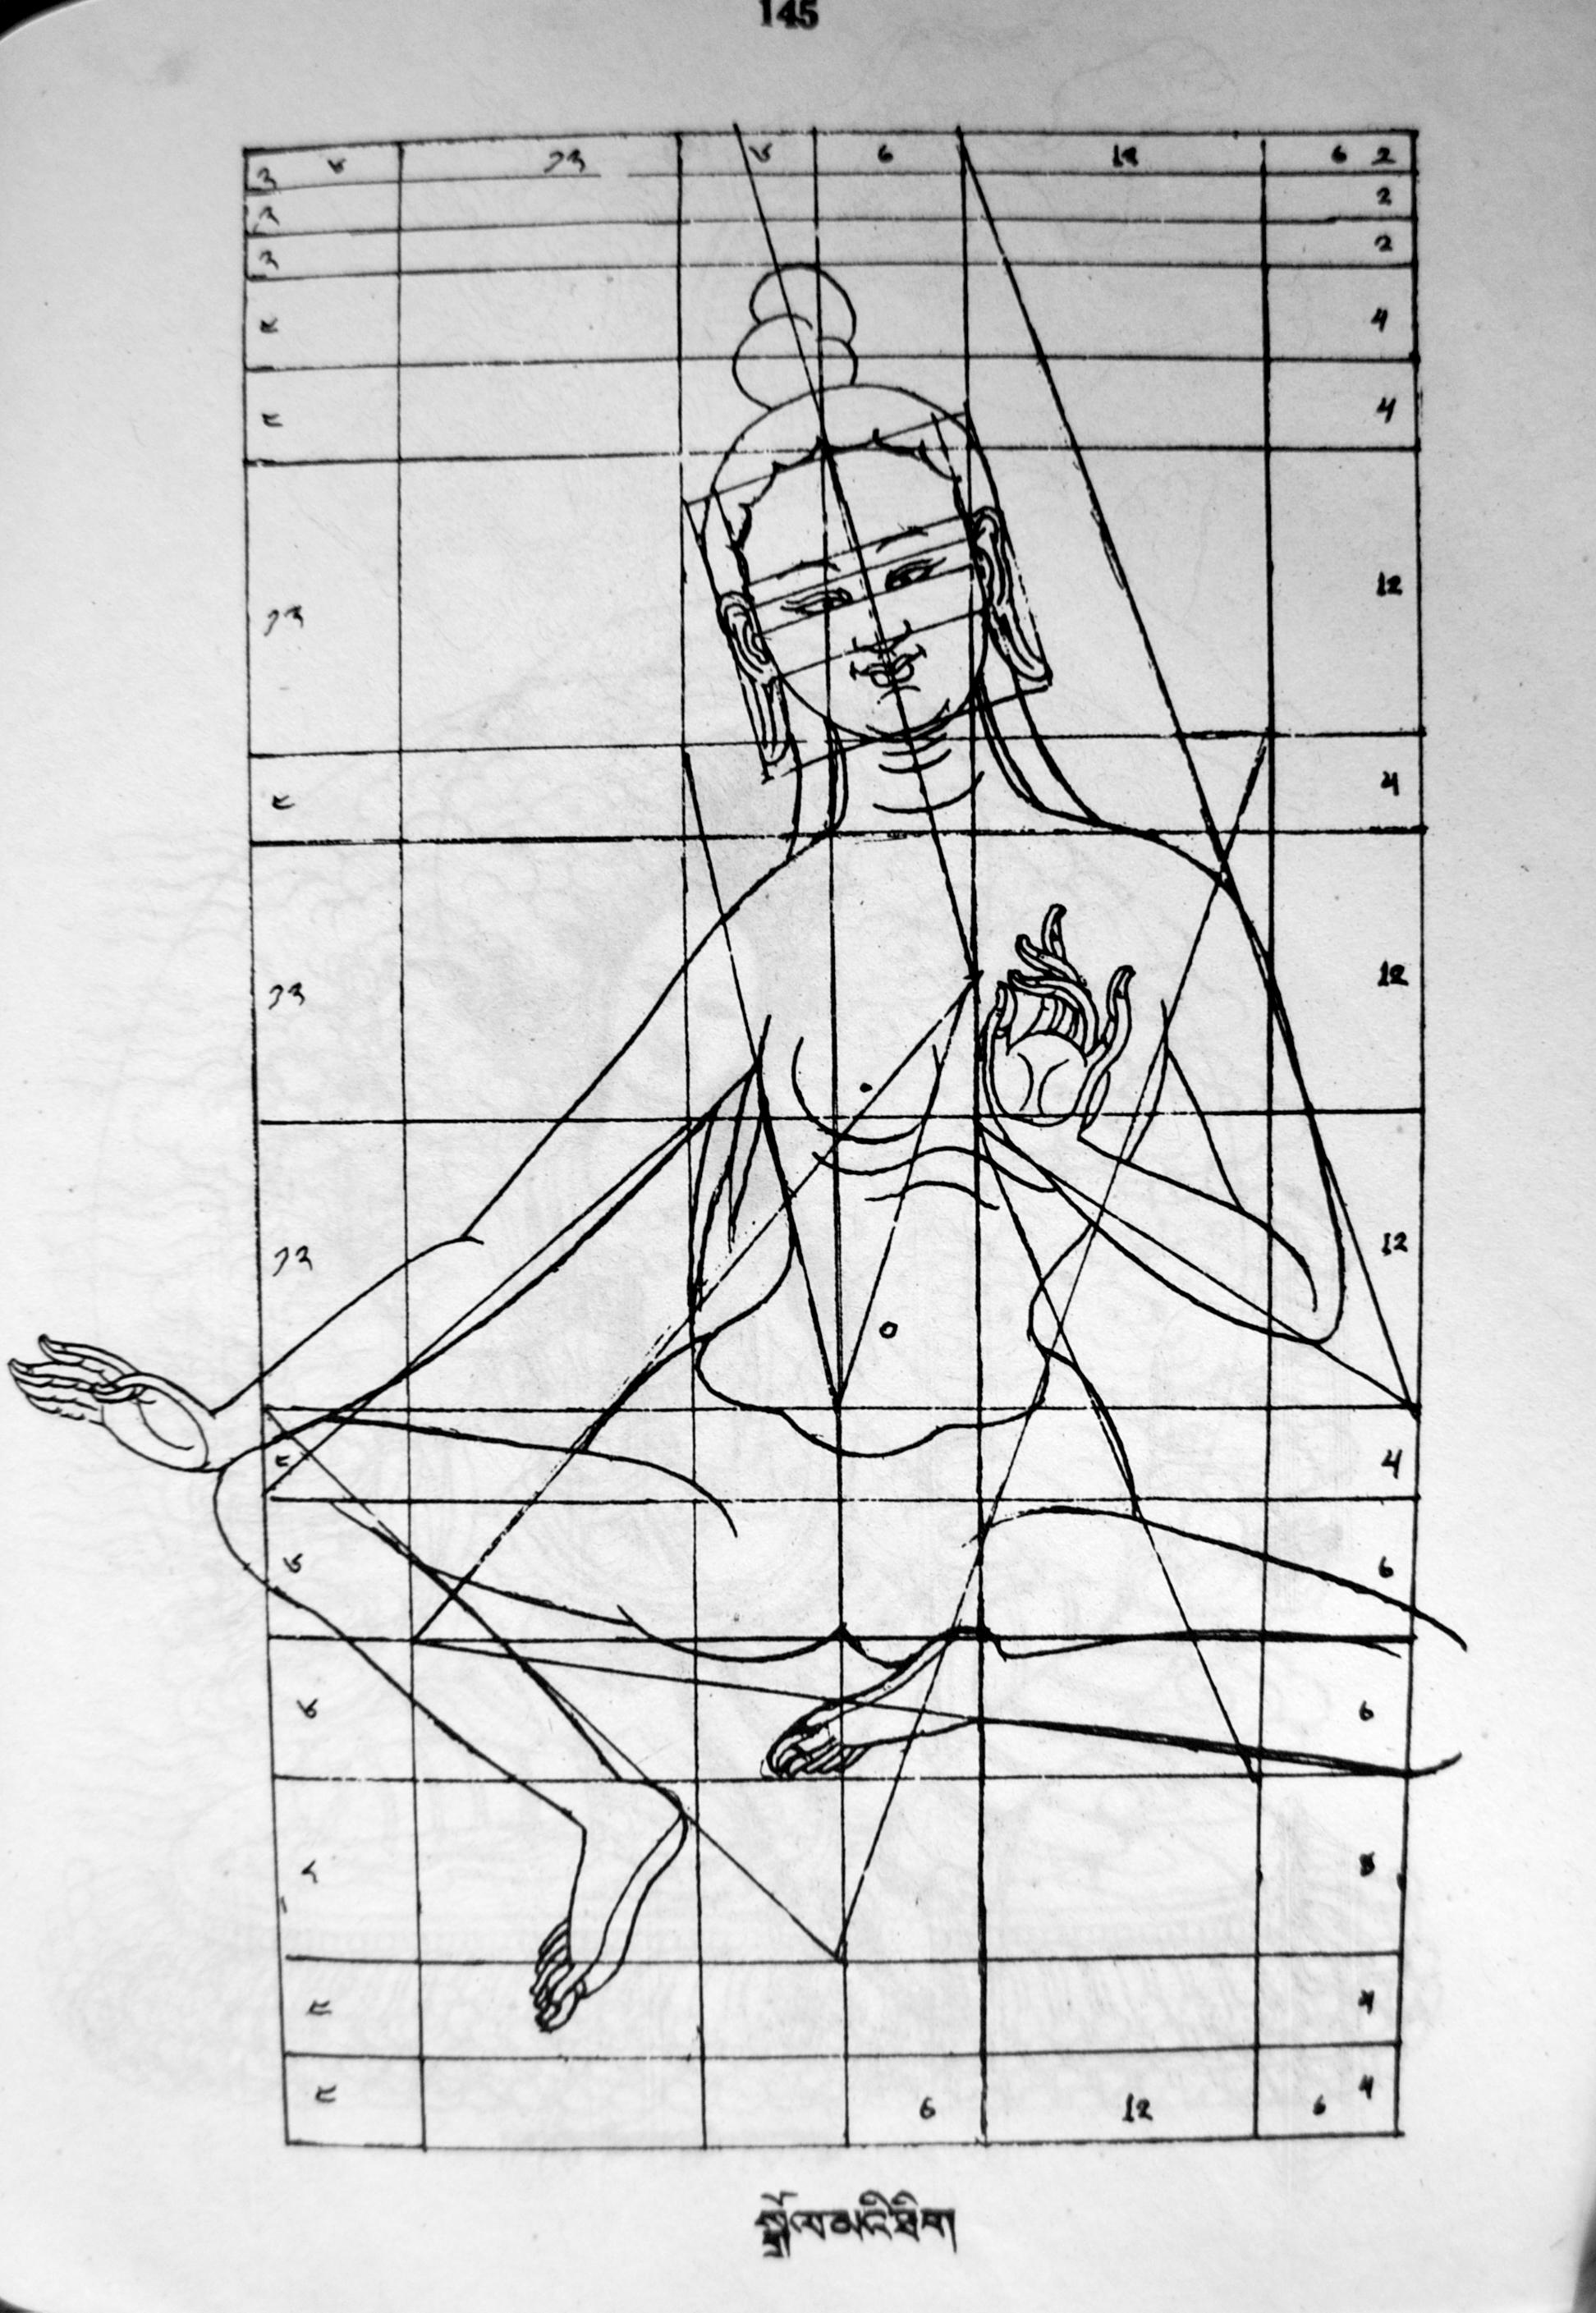 Sa grille iconométrique. Tibetan Cultural & Religious Publication Centre Laxmi Nagar, Delhi